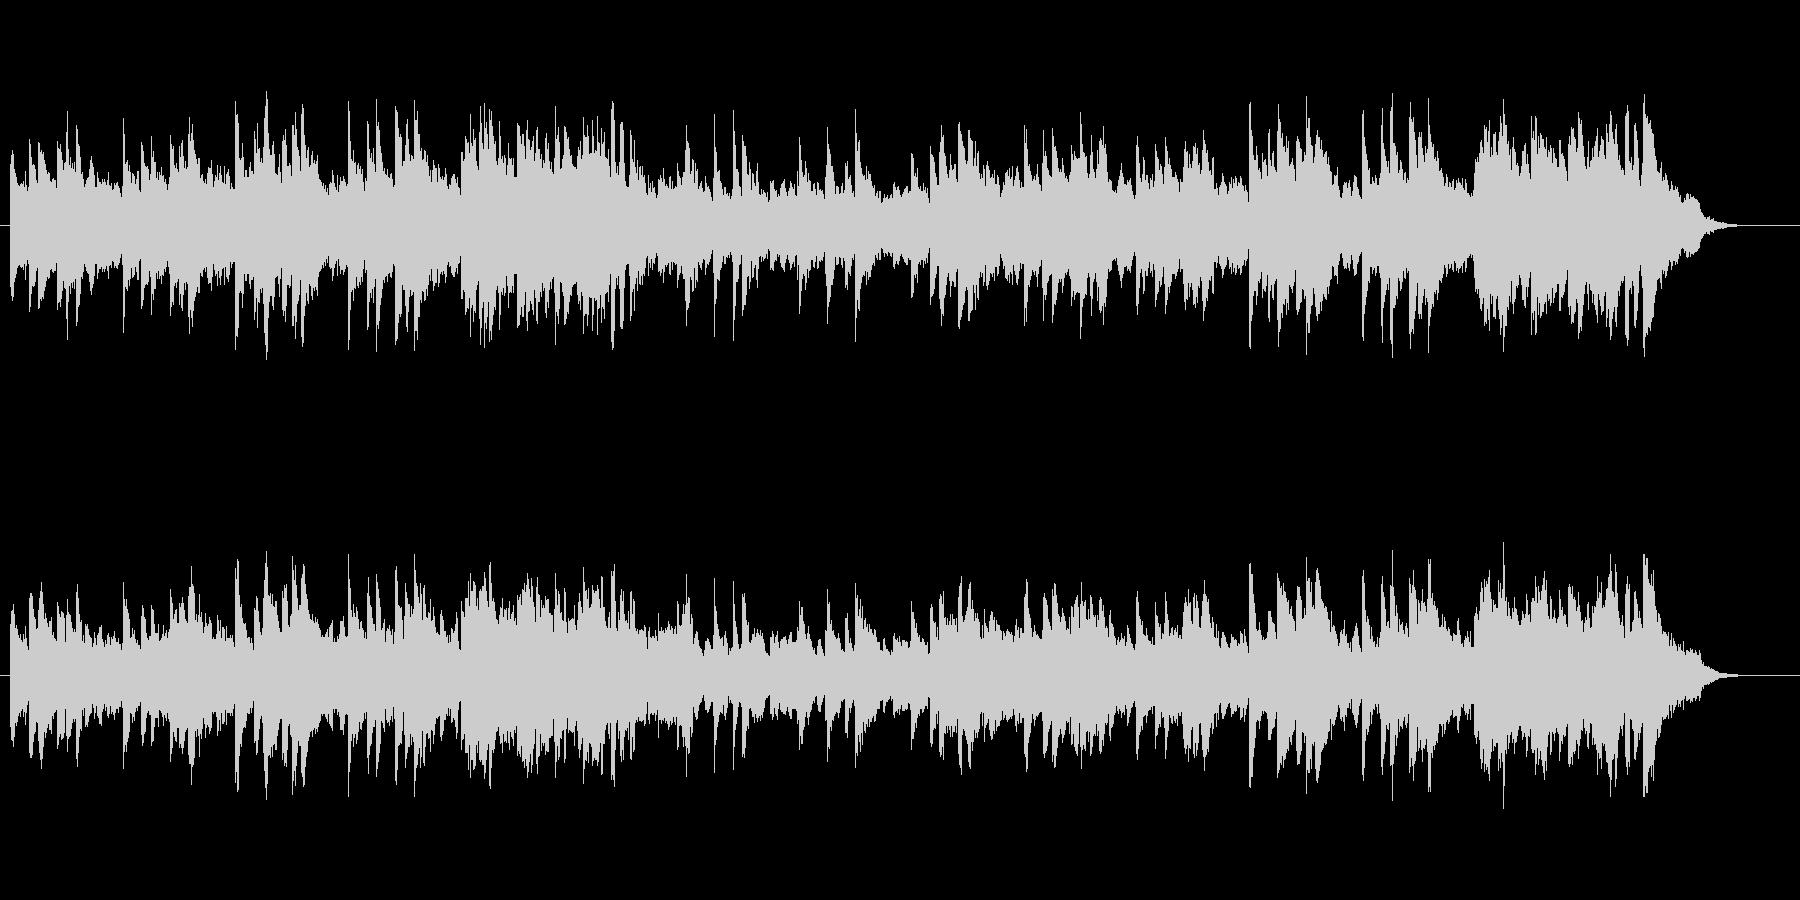 ピアノ・メロディー/ニューエイジ風の未再生の波形